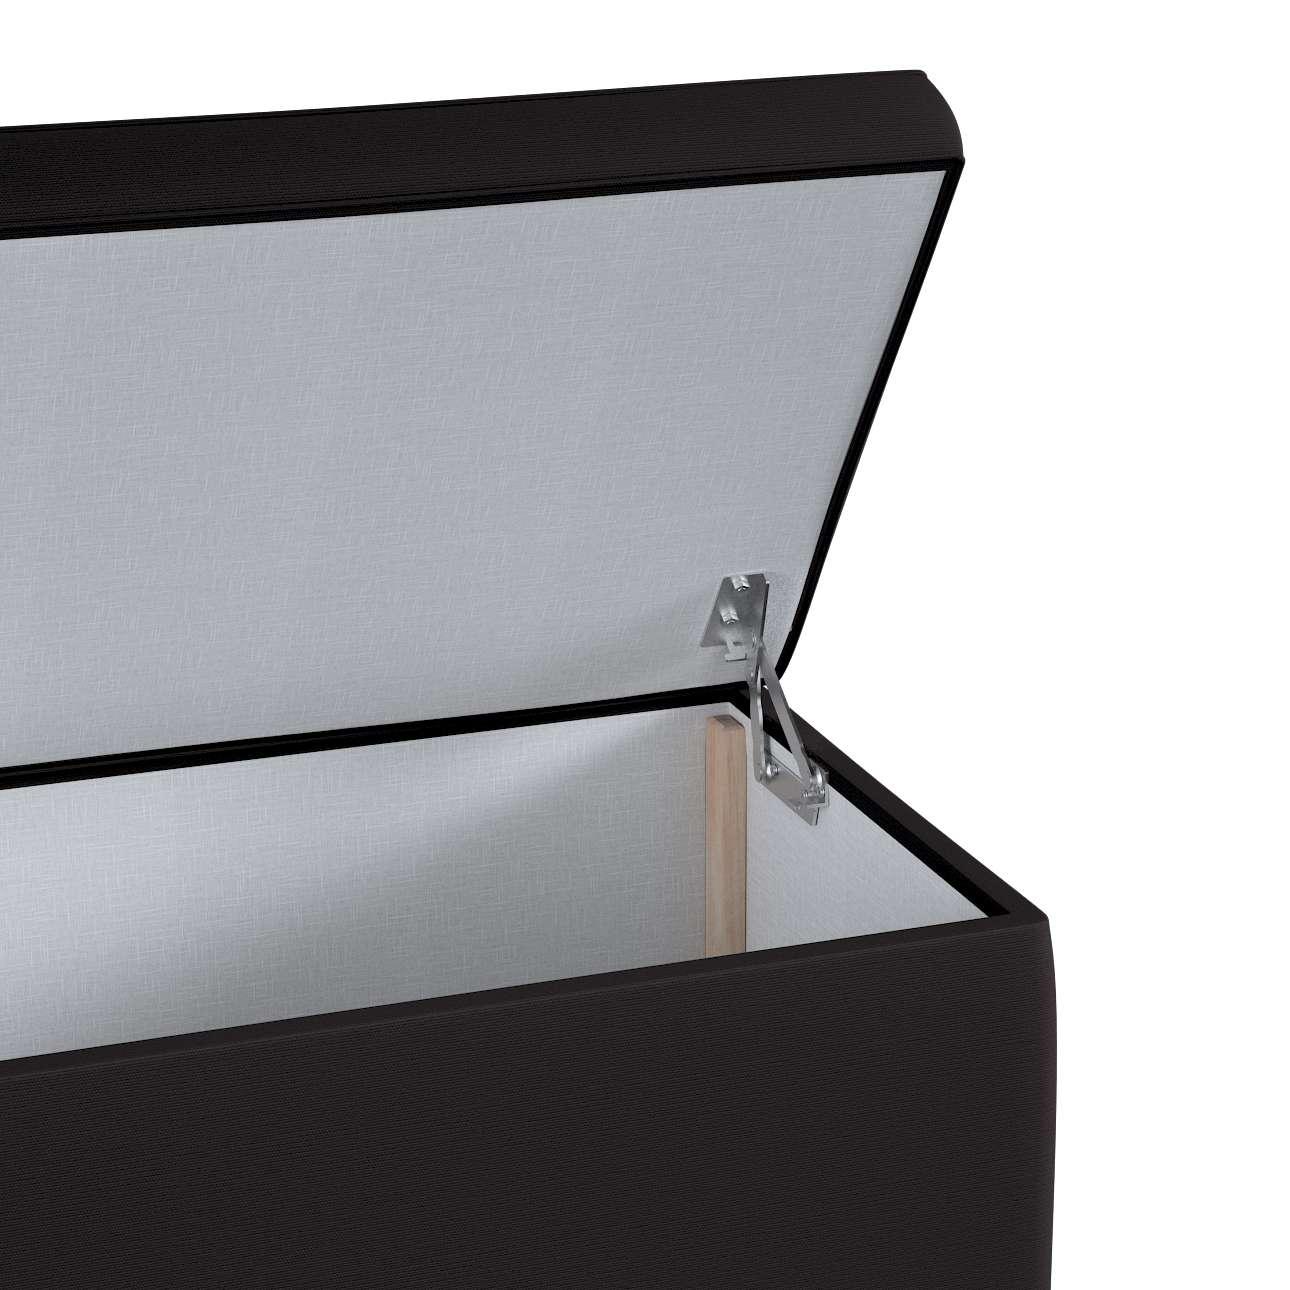 Čalouněná skříň s volbou látky - 2 velikosti v kolekci Cotton Panama, látka: 702-09